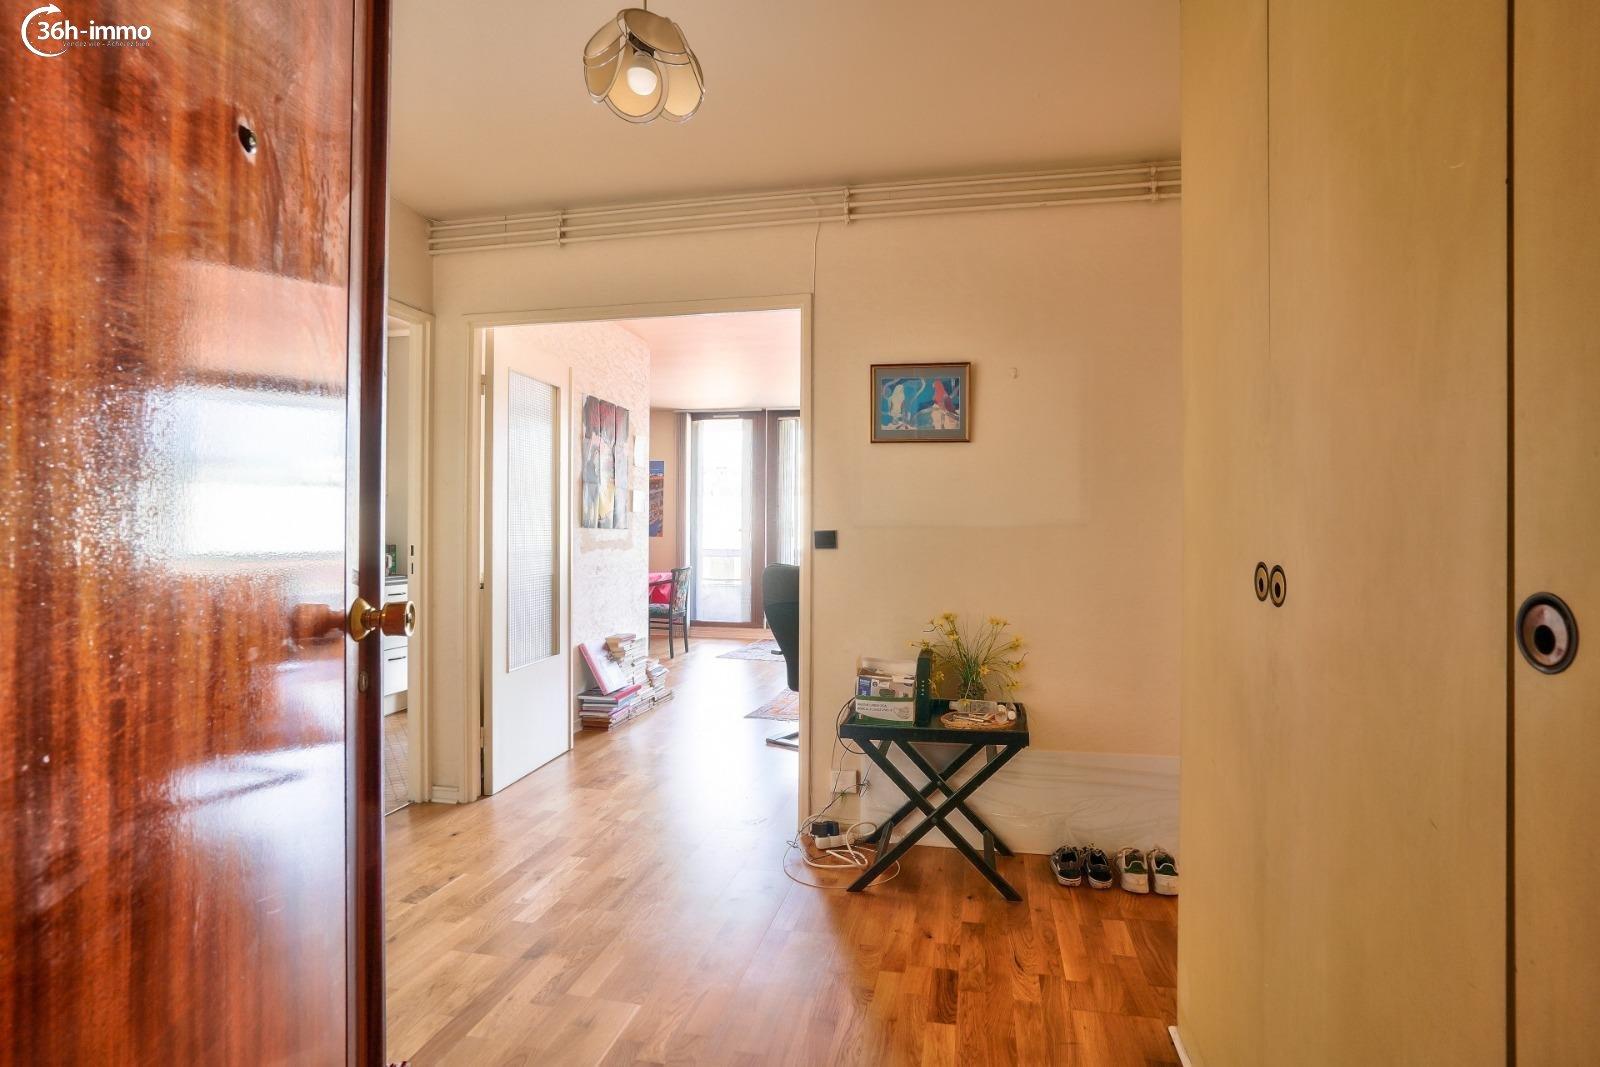 Appartement Paris 11e arrondissement 75011 Paris 56 m<sup>2</sup> 2 pièces 510000 euros